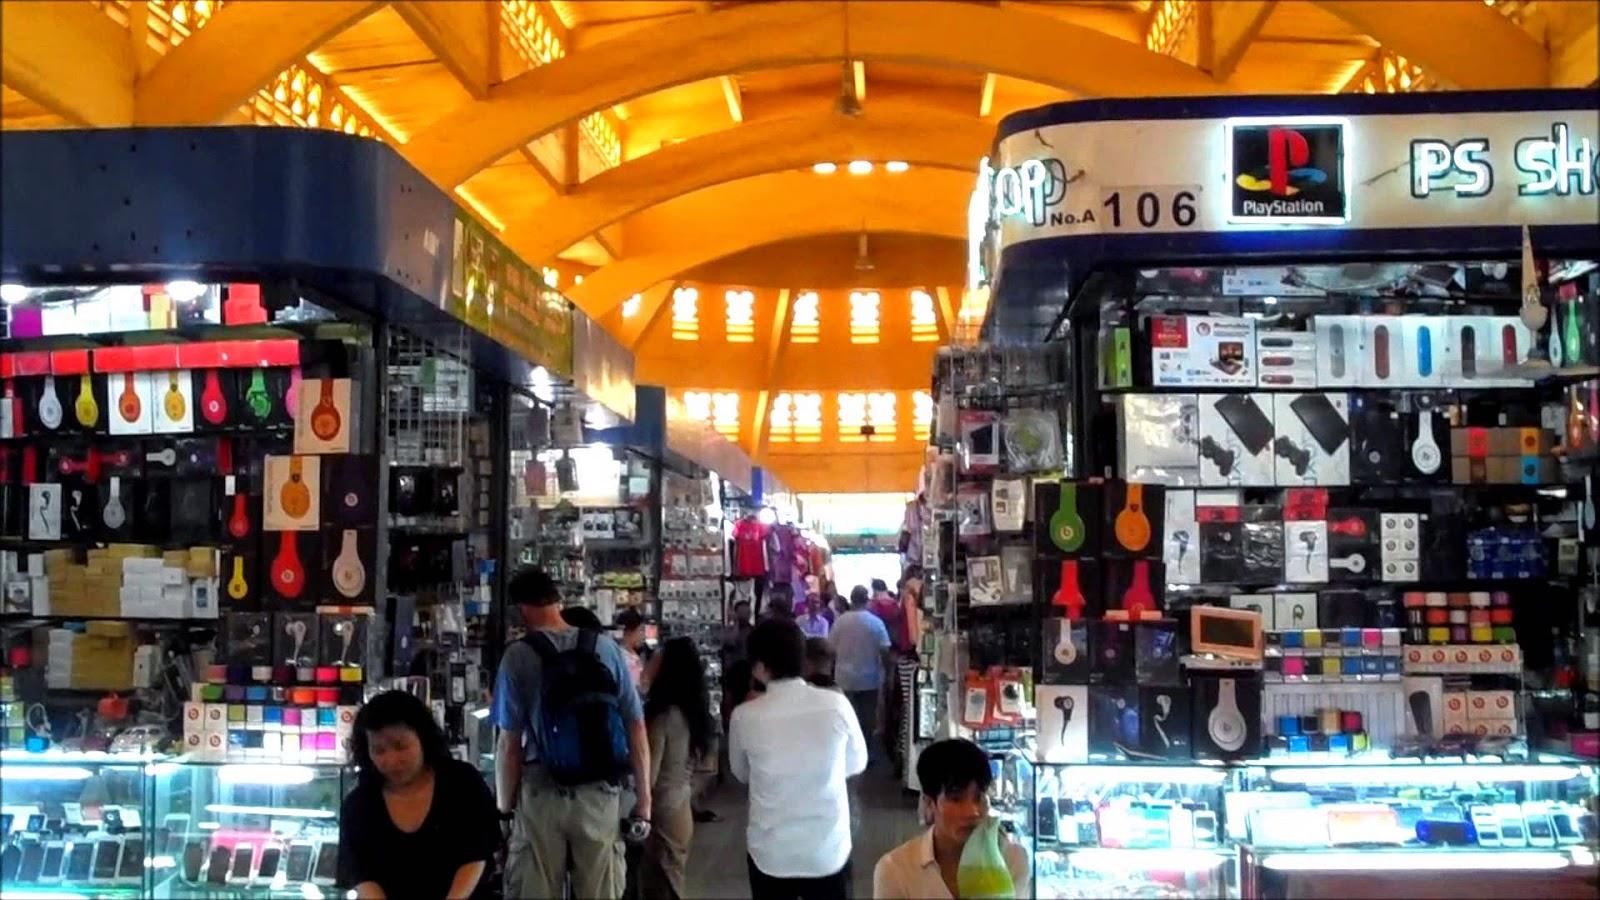 Các gian hàng bên trong chợ PhSa-Thmay (chợ Mới)